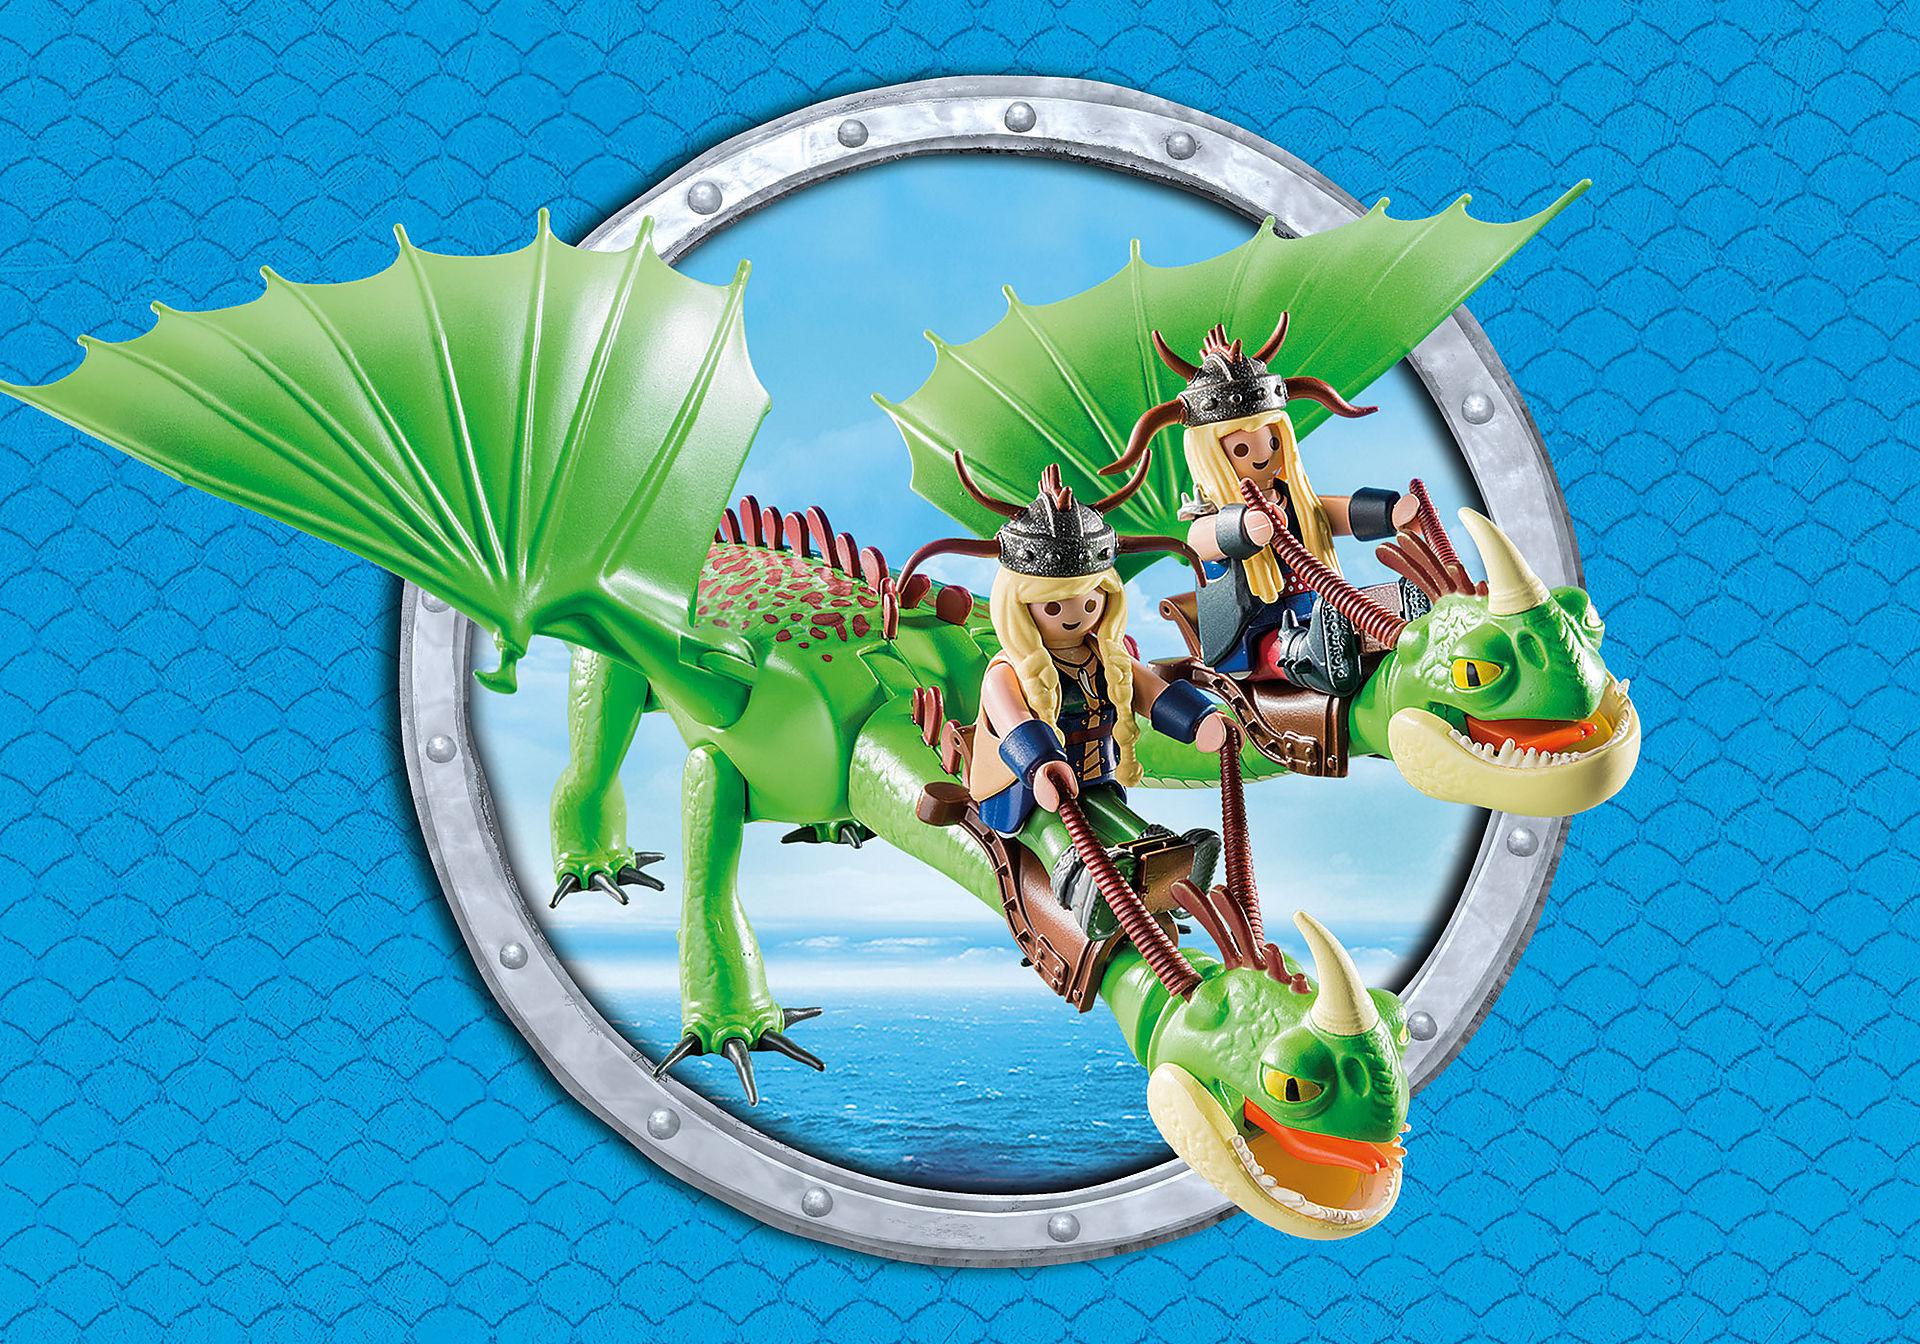 http://media.playmobil.com/i/playmobil/9458_product_extra5/Flåbusa och Flåbuse med Rap och Kräk